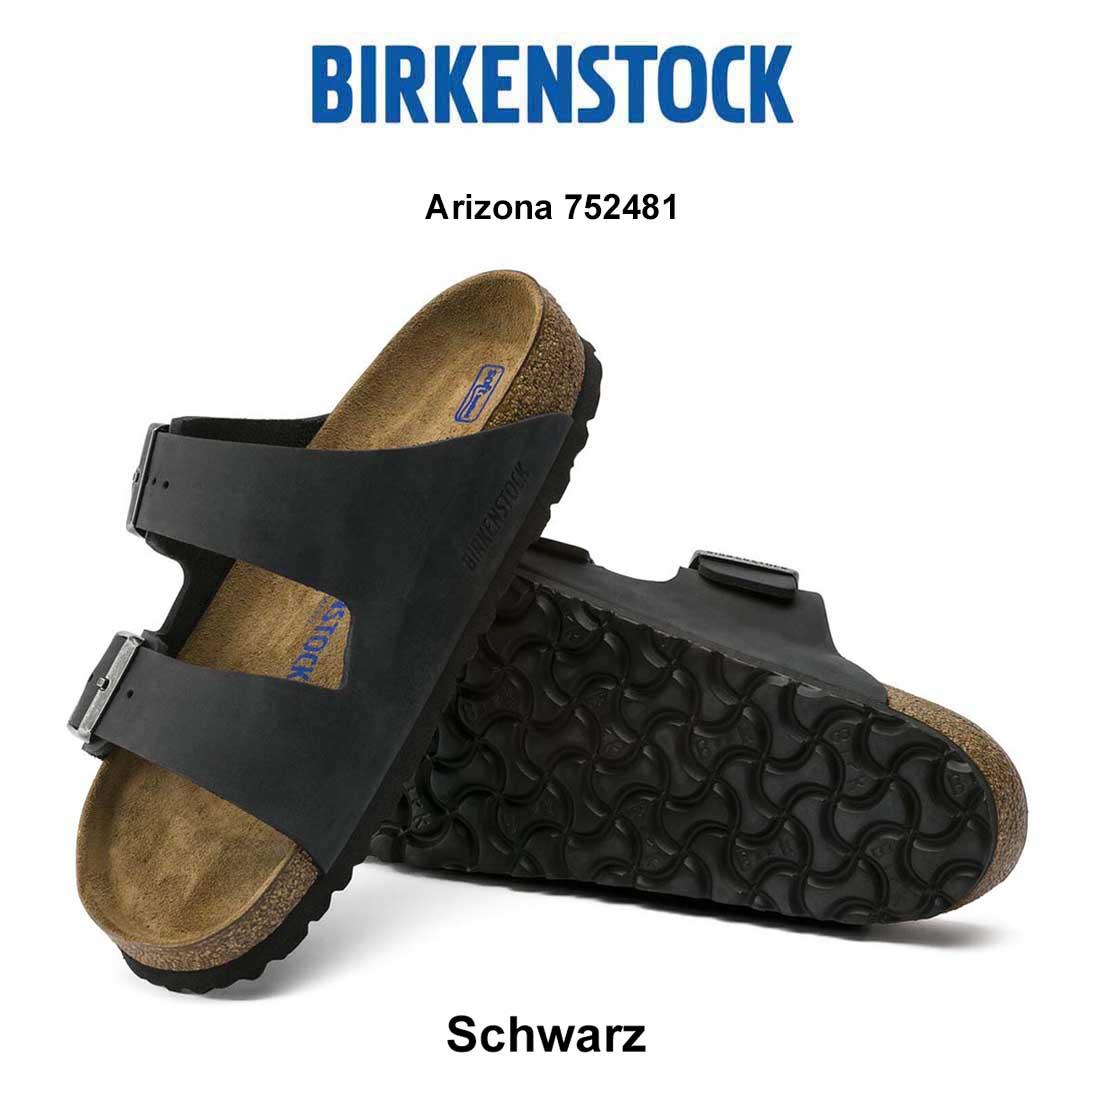 送料無料 並行輸入品 海 BBQ フェスに SALE 5%OFF BIRKENSTOCK Arizona サンダル 752481 アリゾナ スリッパ ユニセックス ビルケンシュトック 業界No.1